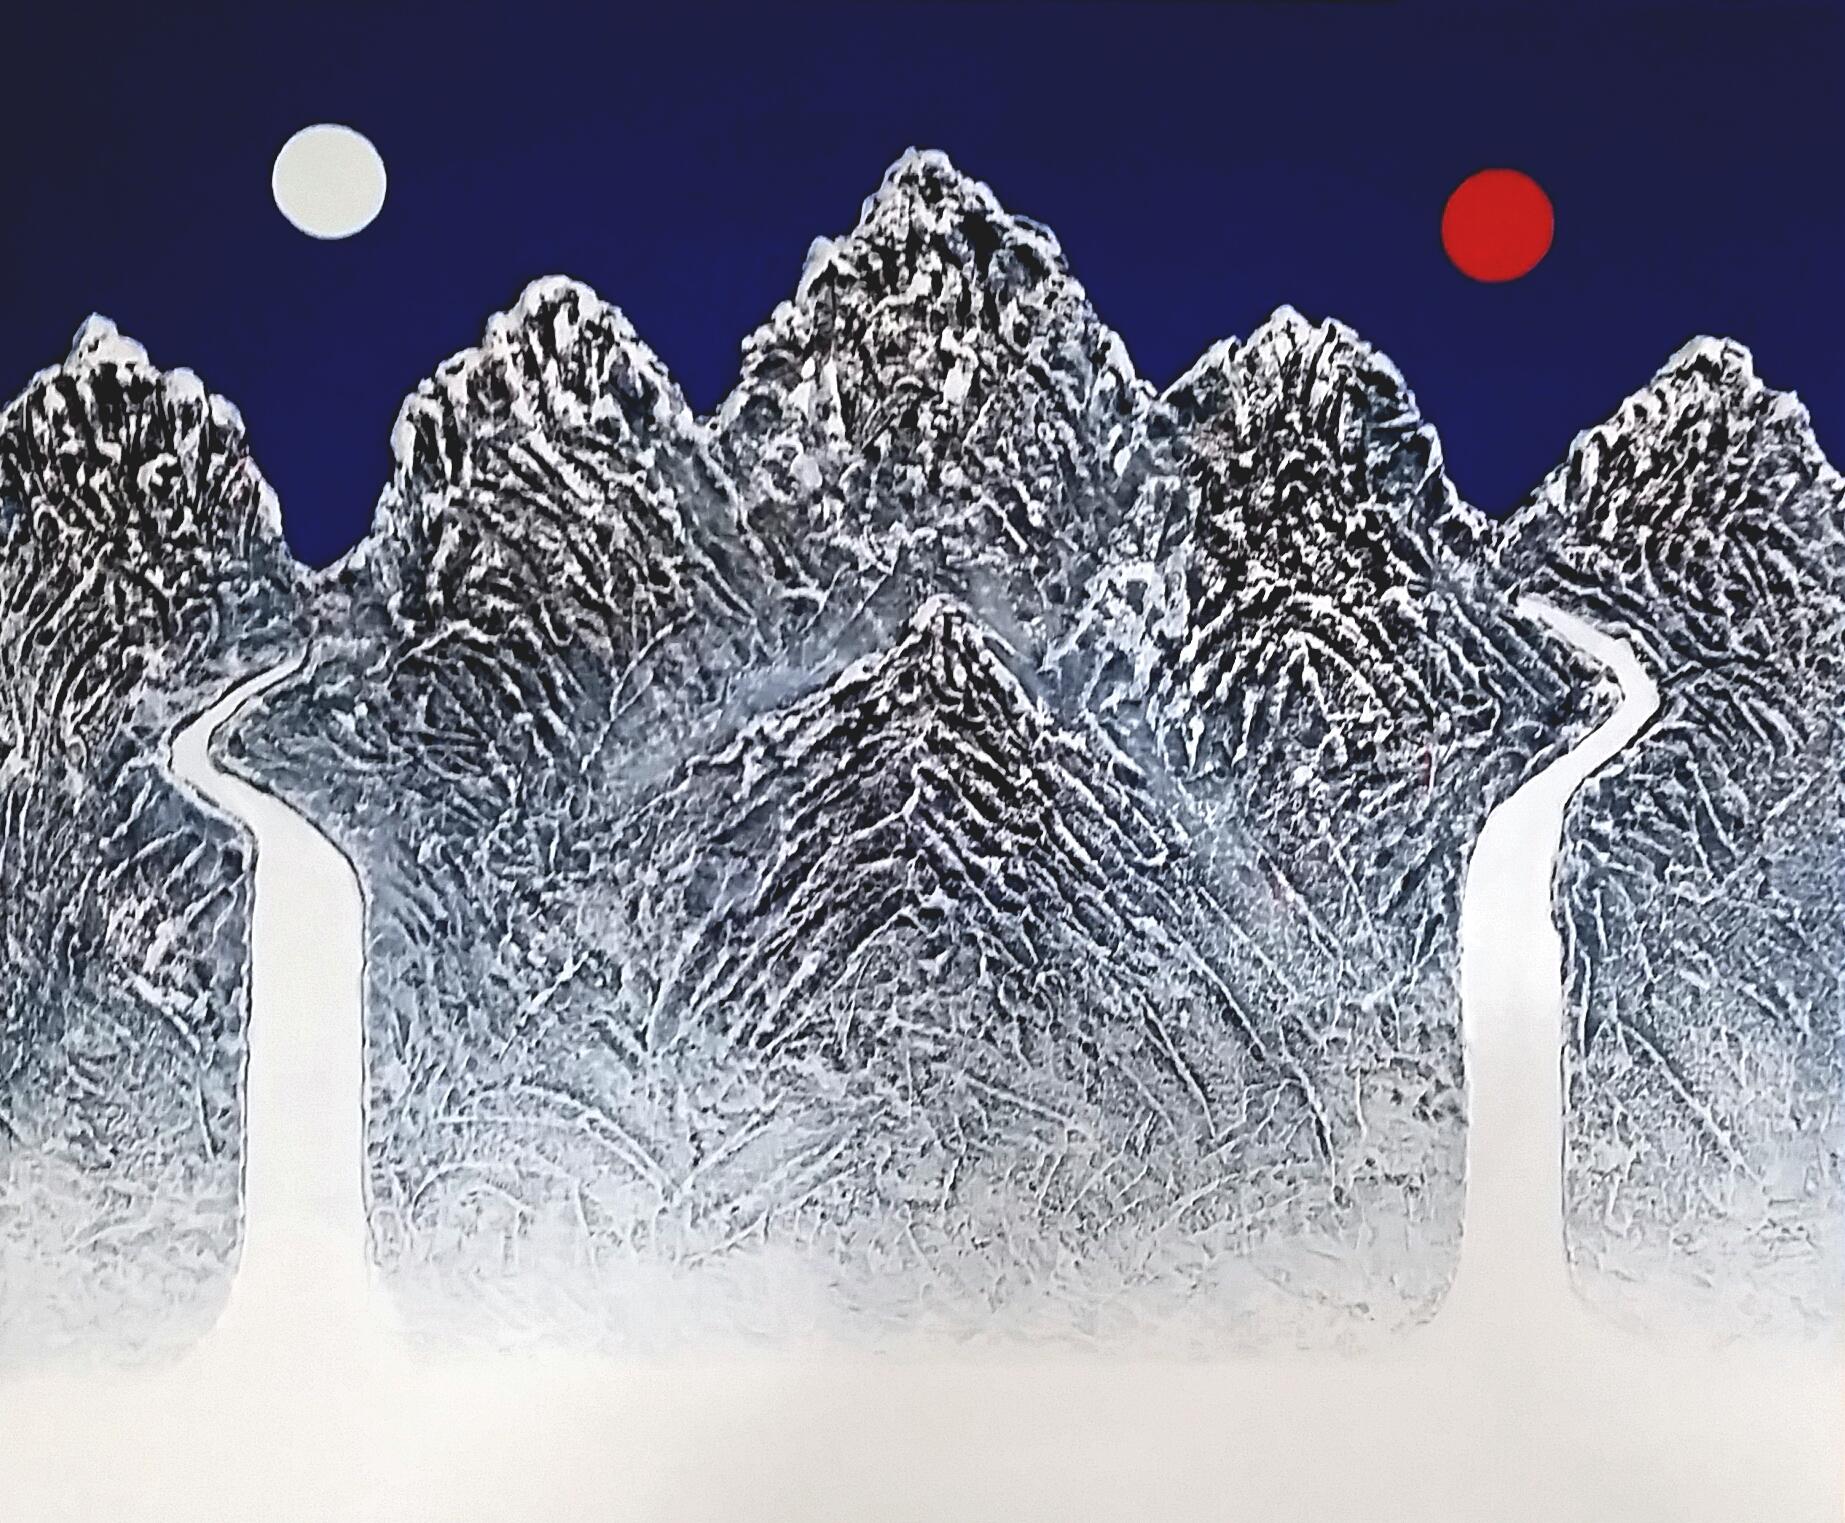 일월 오봉 60cmx73cm   혼합재료 2016 500만